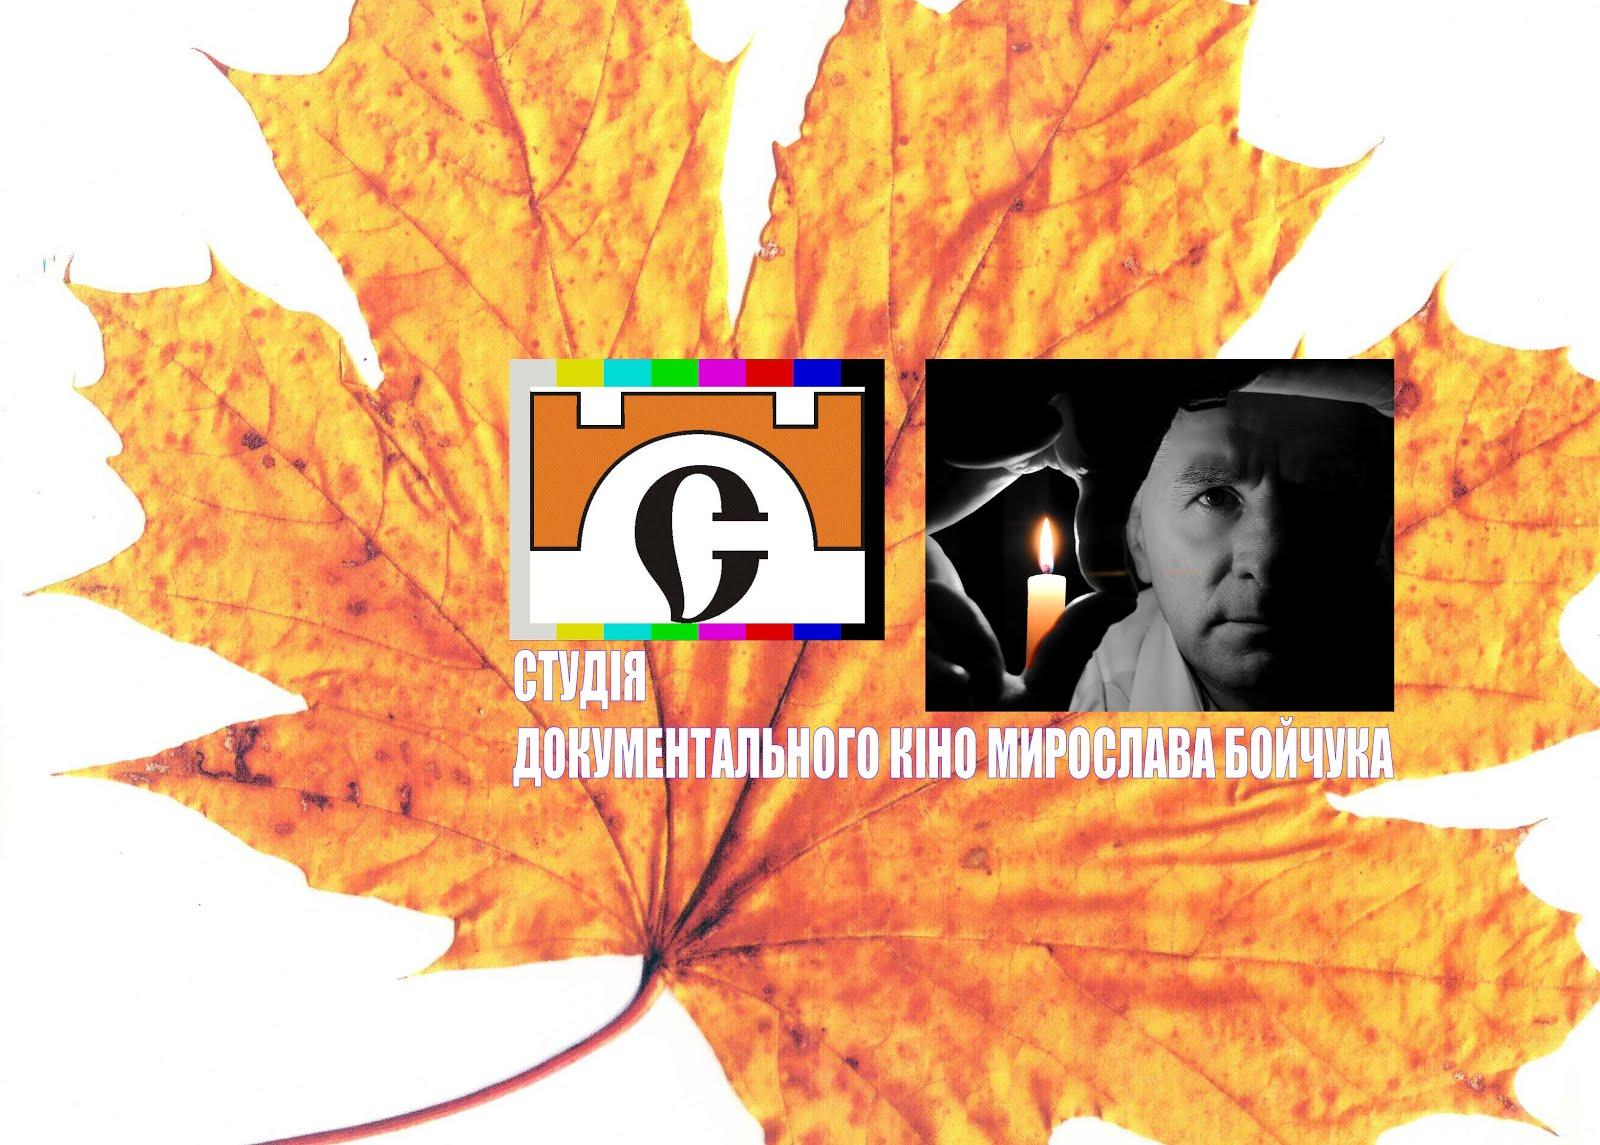 Вікно прямих відеотрансляцій FRANKIVSKTV